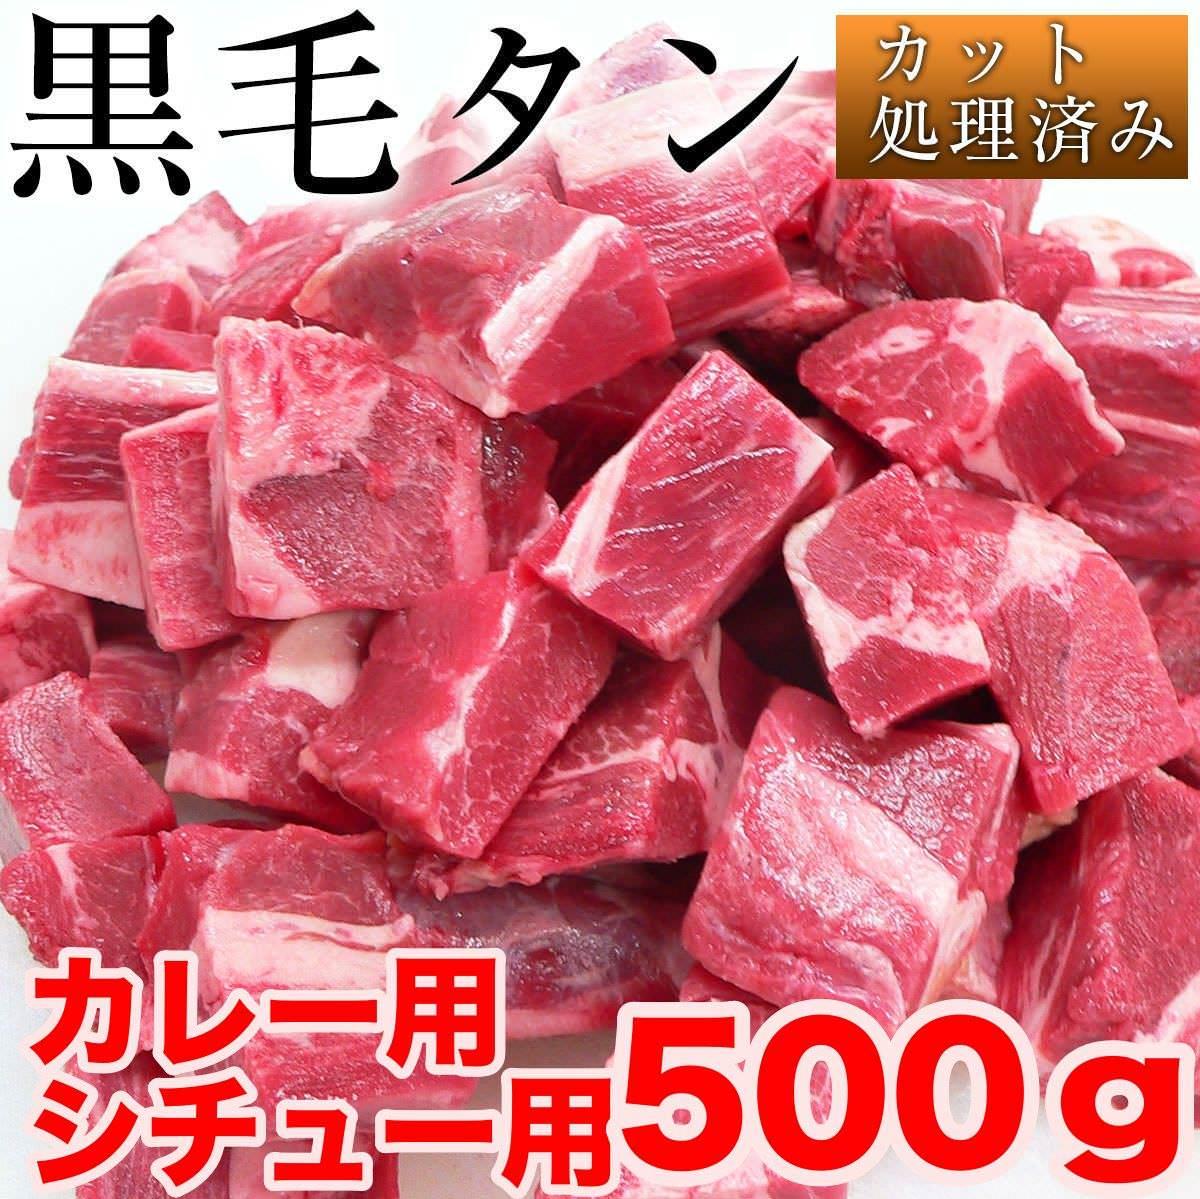 黒毛和牛タン [カレー・シチュー用] カット500g×2パック